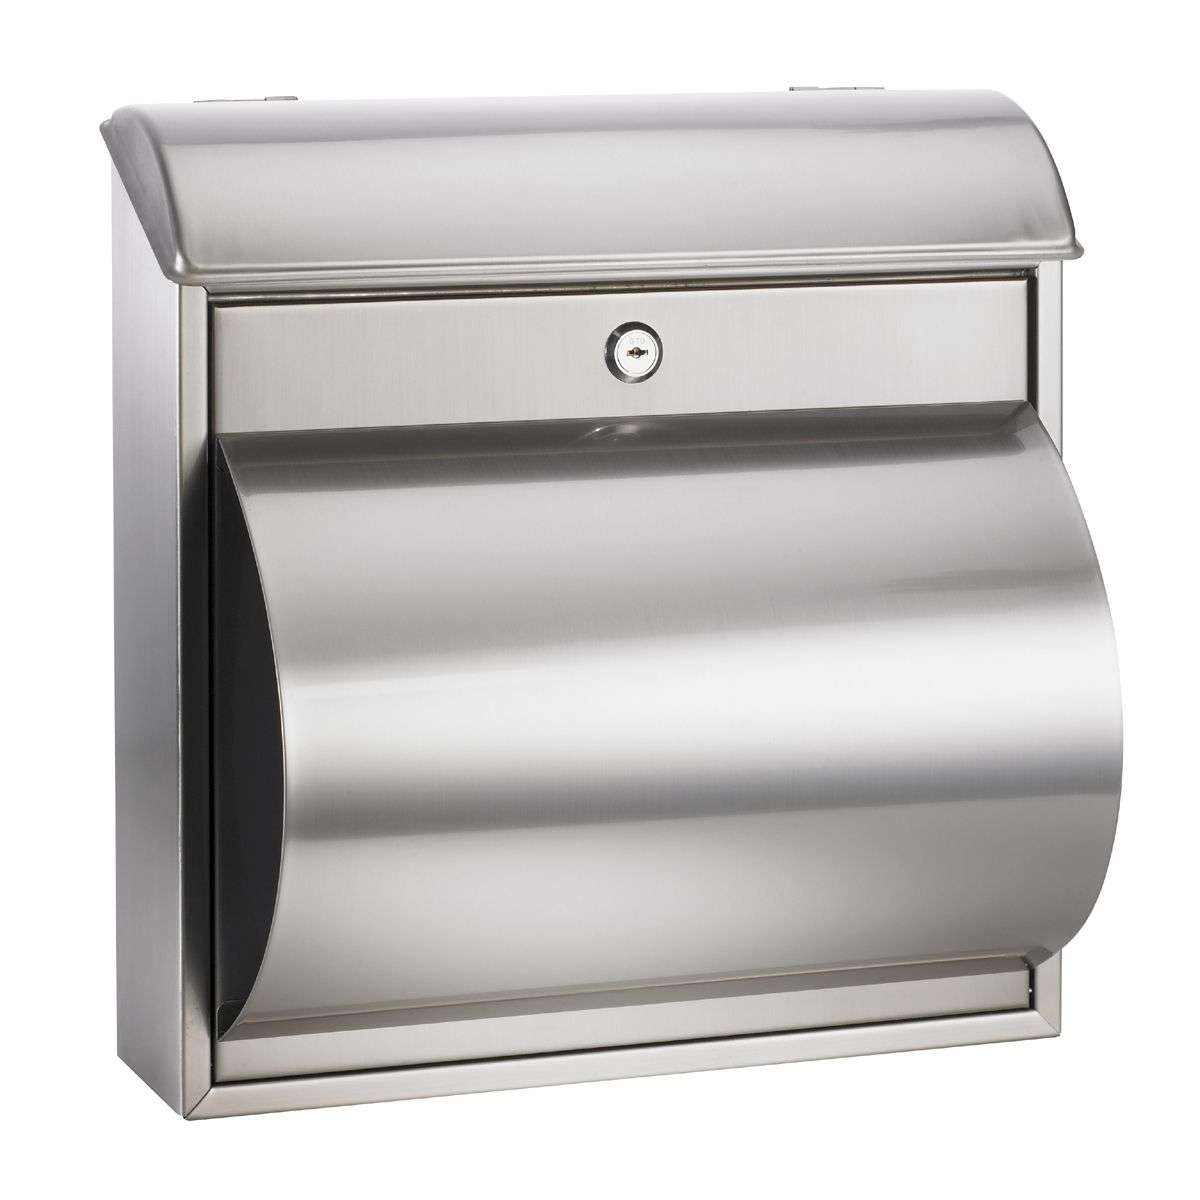 Kaunis Rain-postilaatikko, jossa on lehtilaatikko-1003097-31